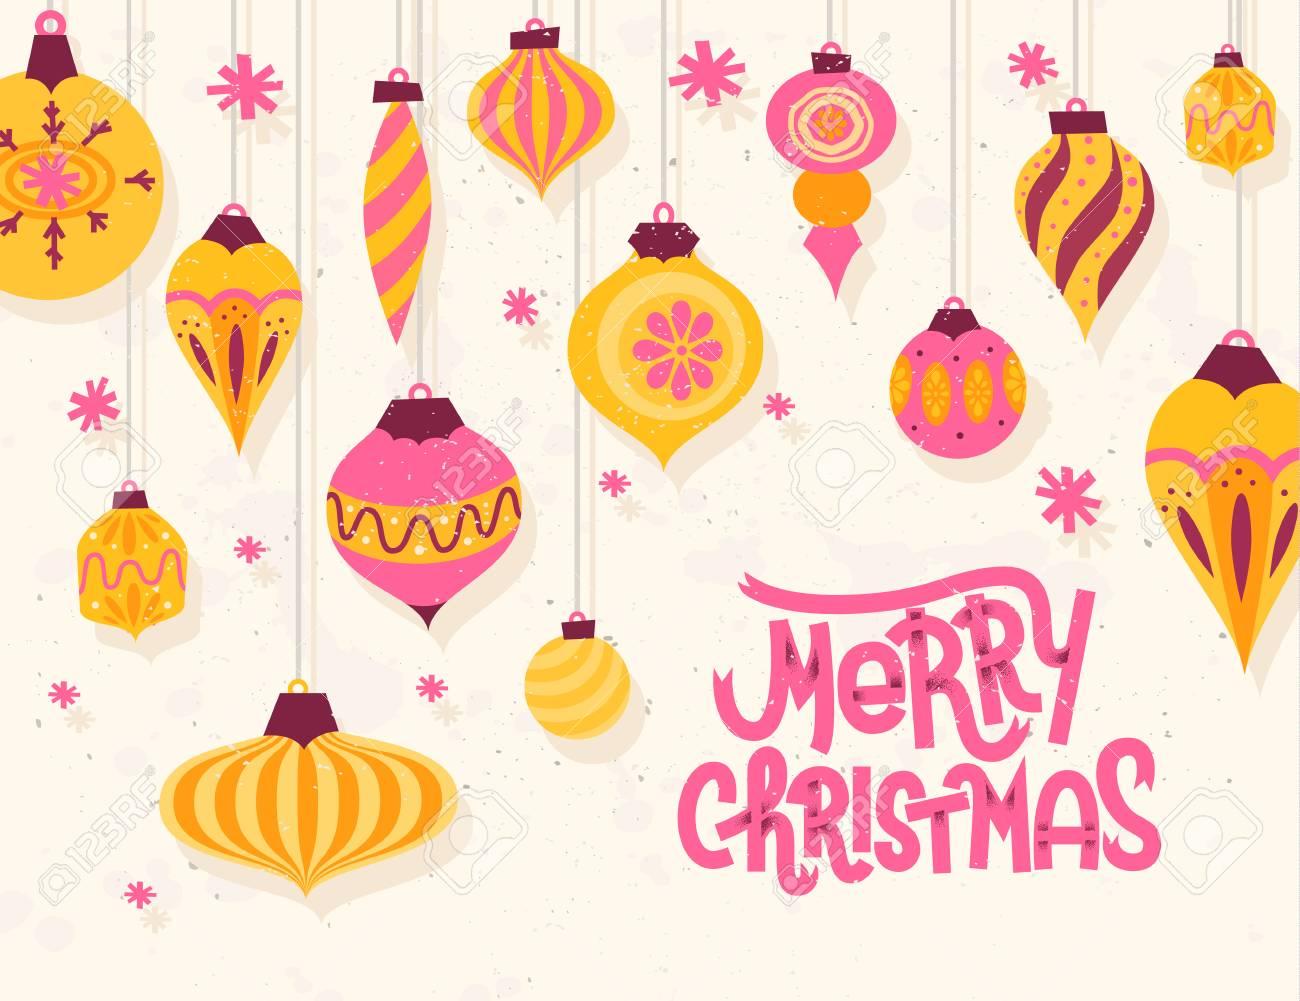 Auguri Di Natale Anni 50.Festive Auguri Di Natale Con Stile Retro Anni 50 Ornamenti Di Natale